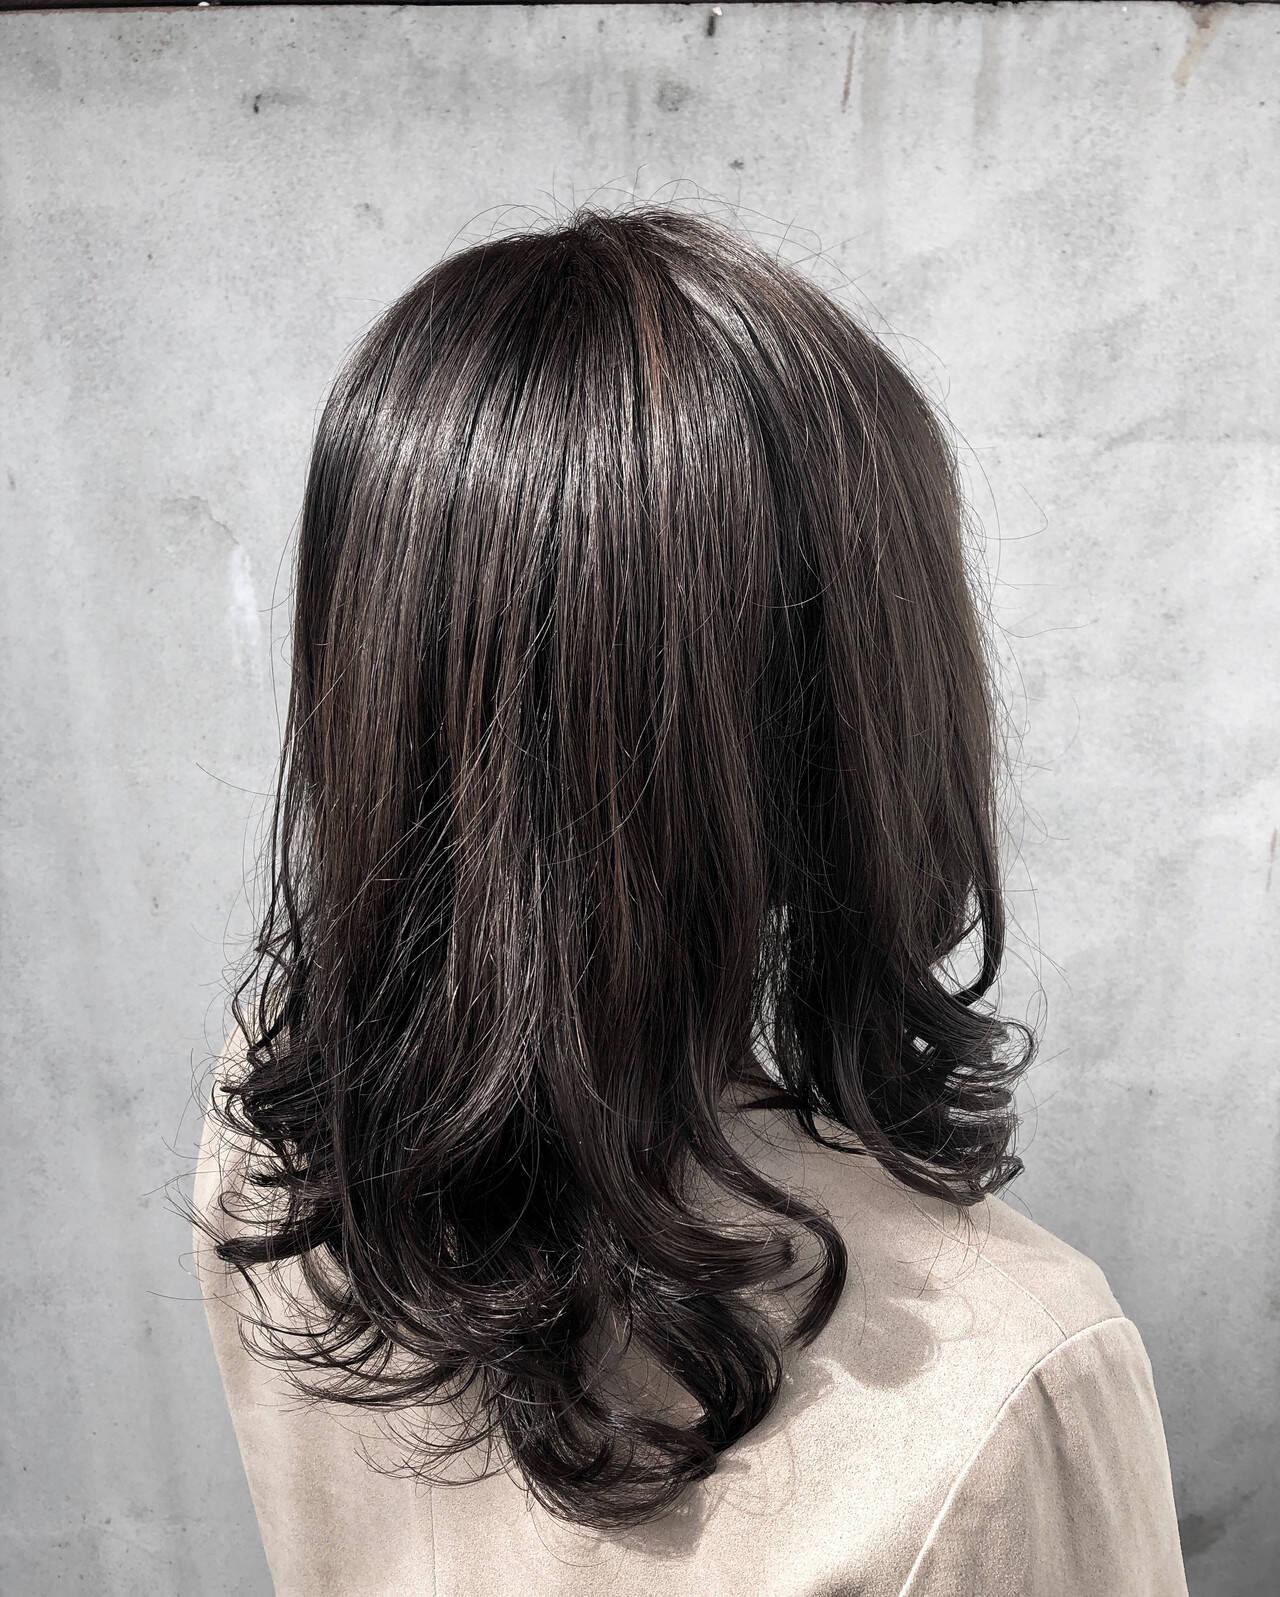 ナチュラル ゆるふわパーマ ナチュラル可愛い セミロングヘアスタイルや髪型の写真・画像